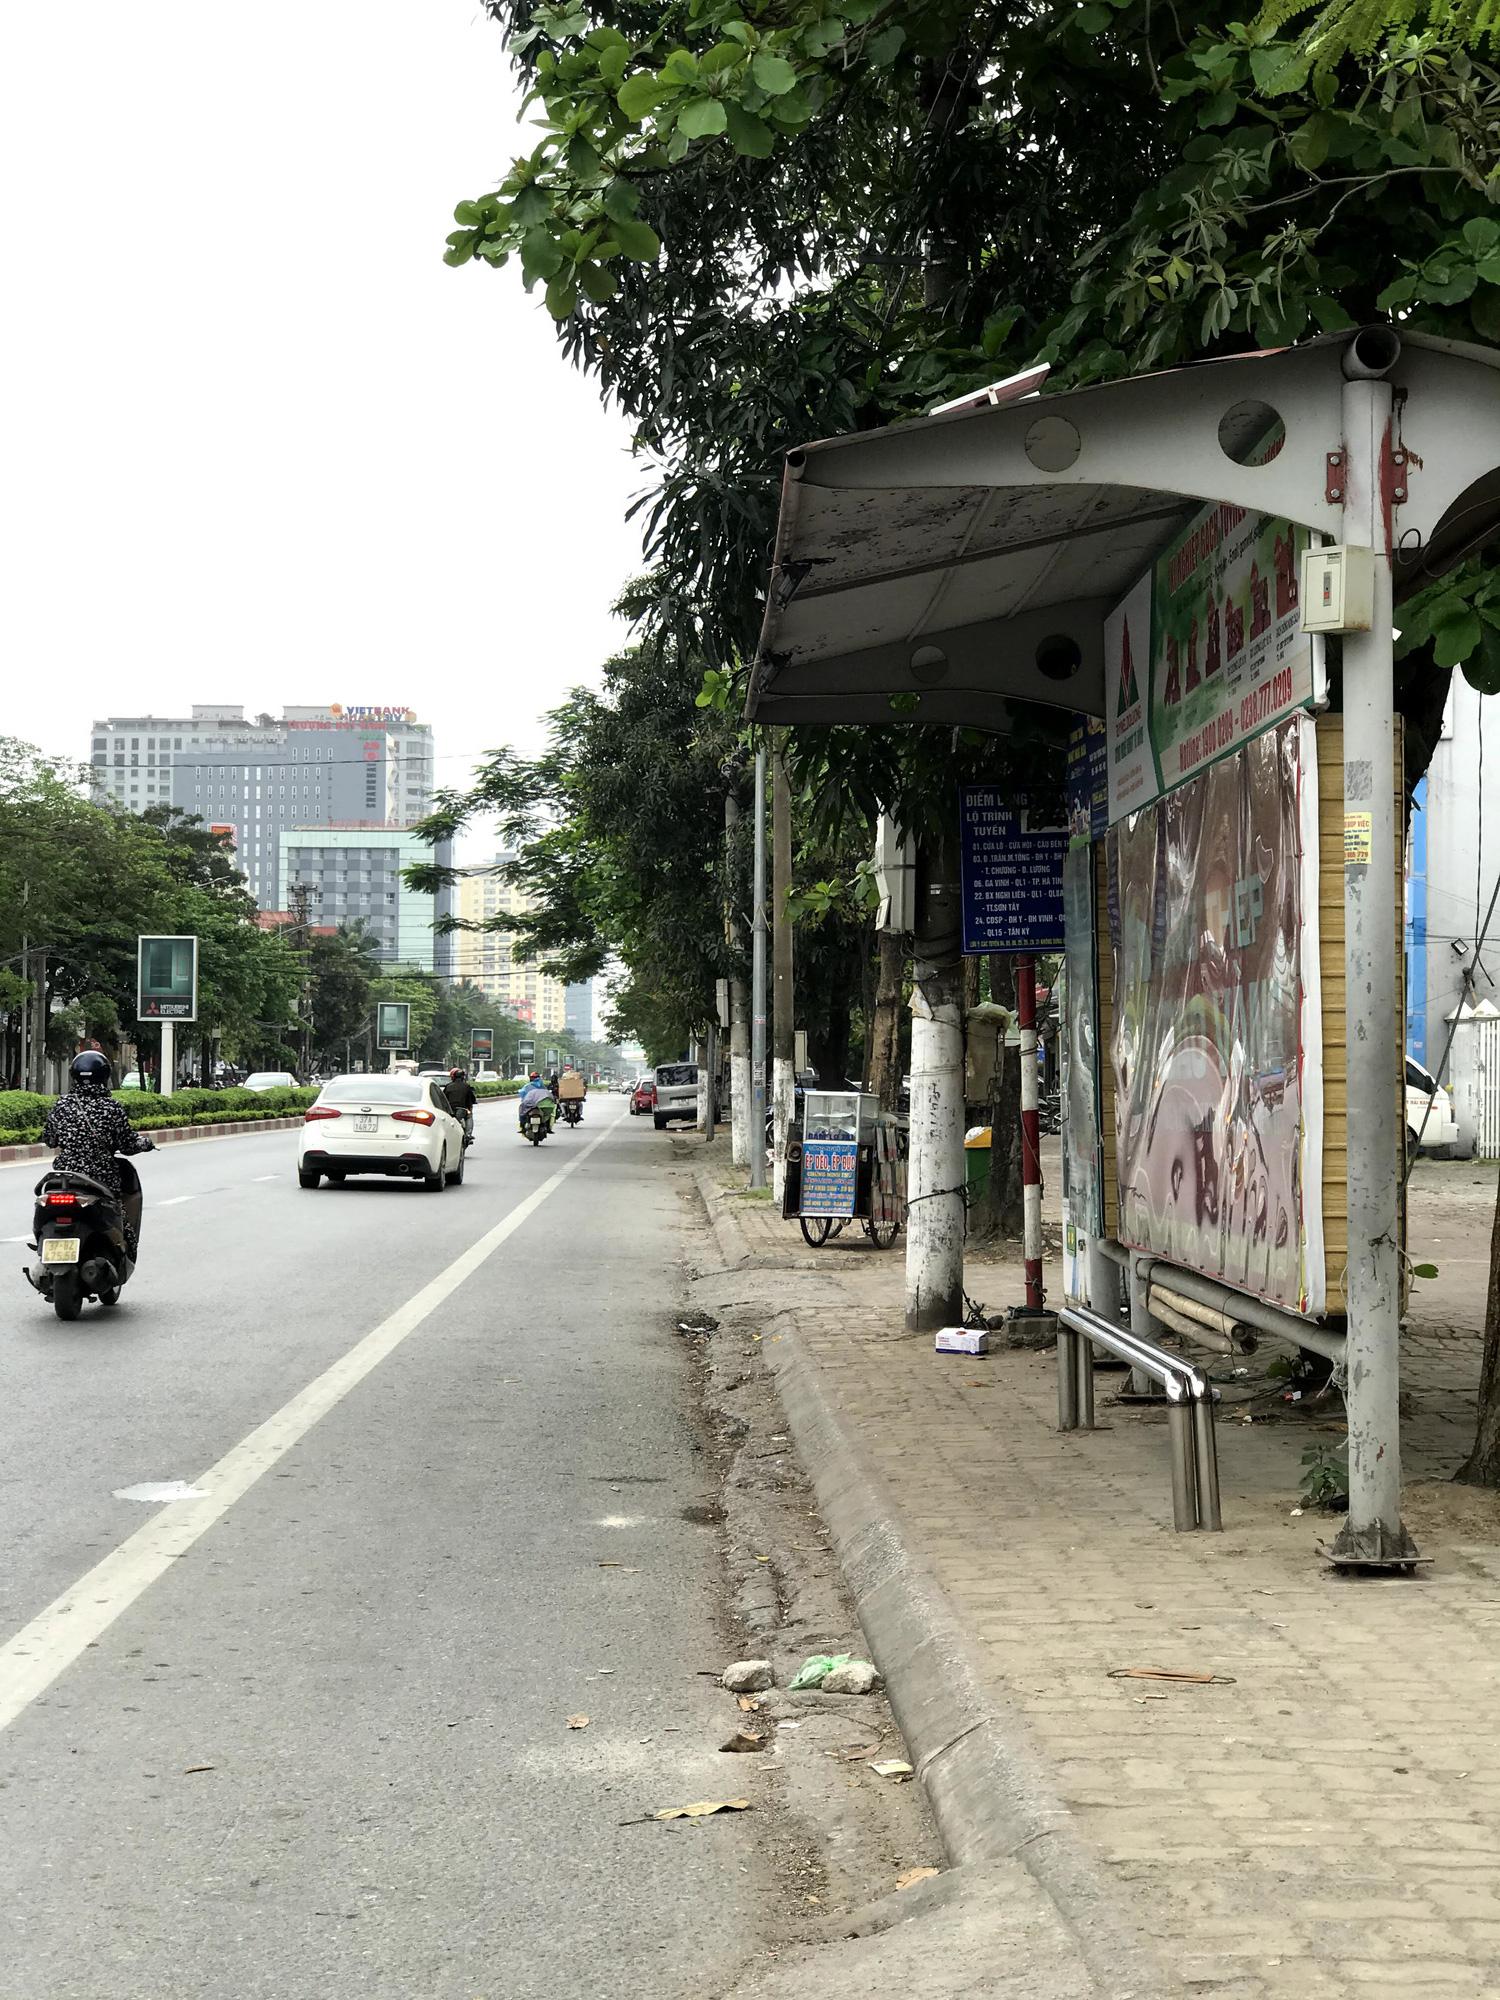 Dịch Covid-19 tại Nghệ An: Tiểu thương chợ Vinh ế ẩm, các cơ sở kinh doanh dịch vụ, giải trí đồng loạt đóng cửa - Ảnh 11.